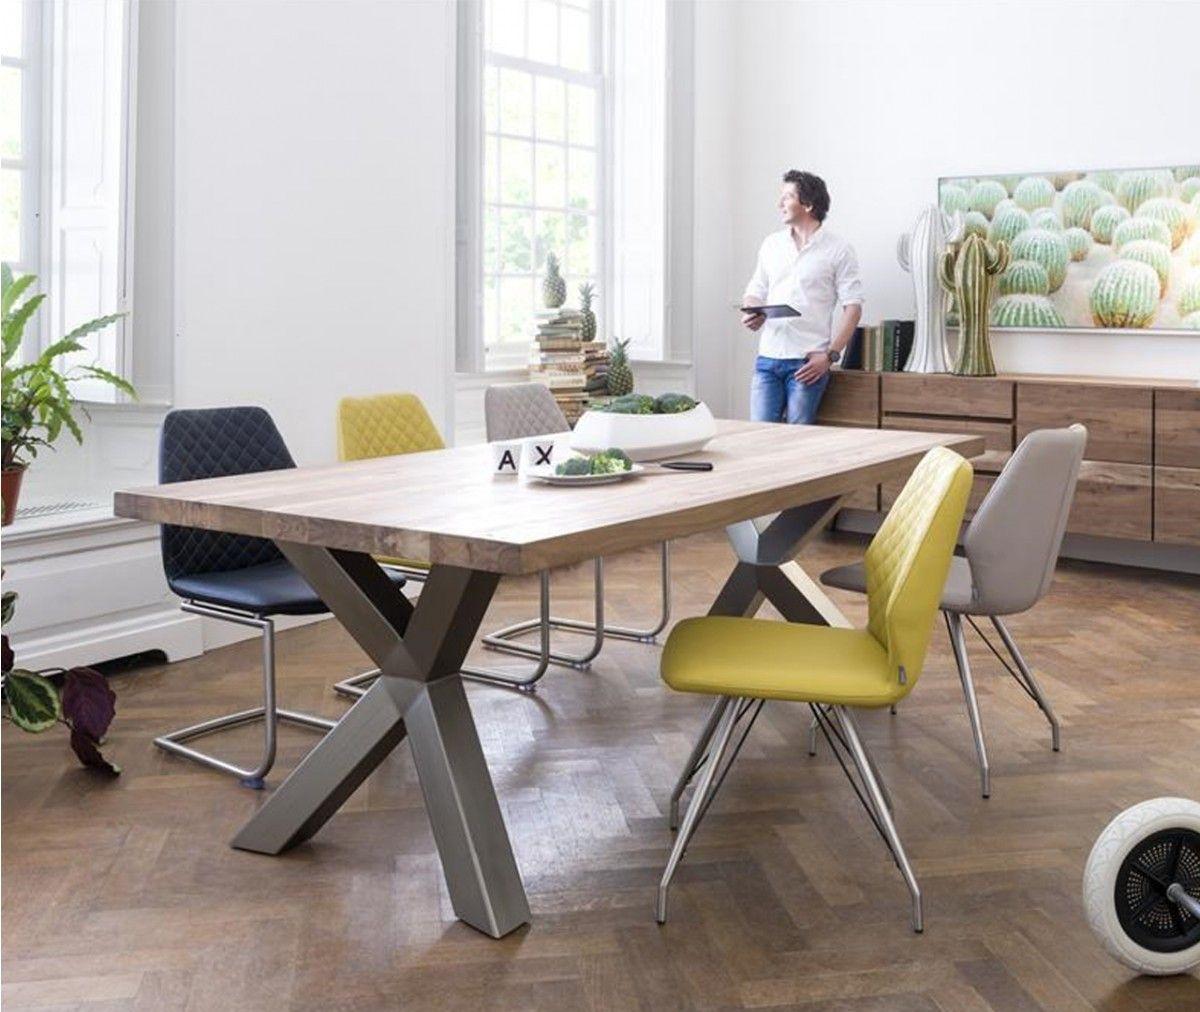 Xooon wohnzimmerserie garda aus massiv kikar holz xooon for Design tisch smooty